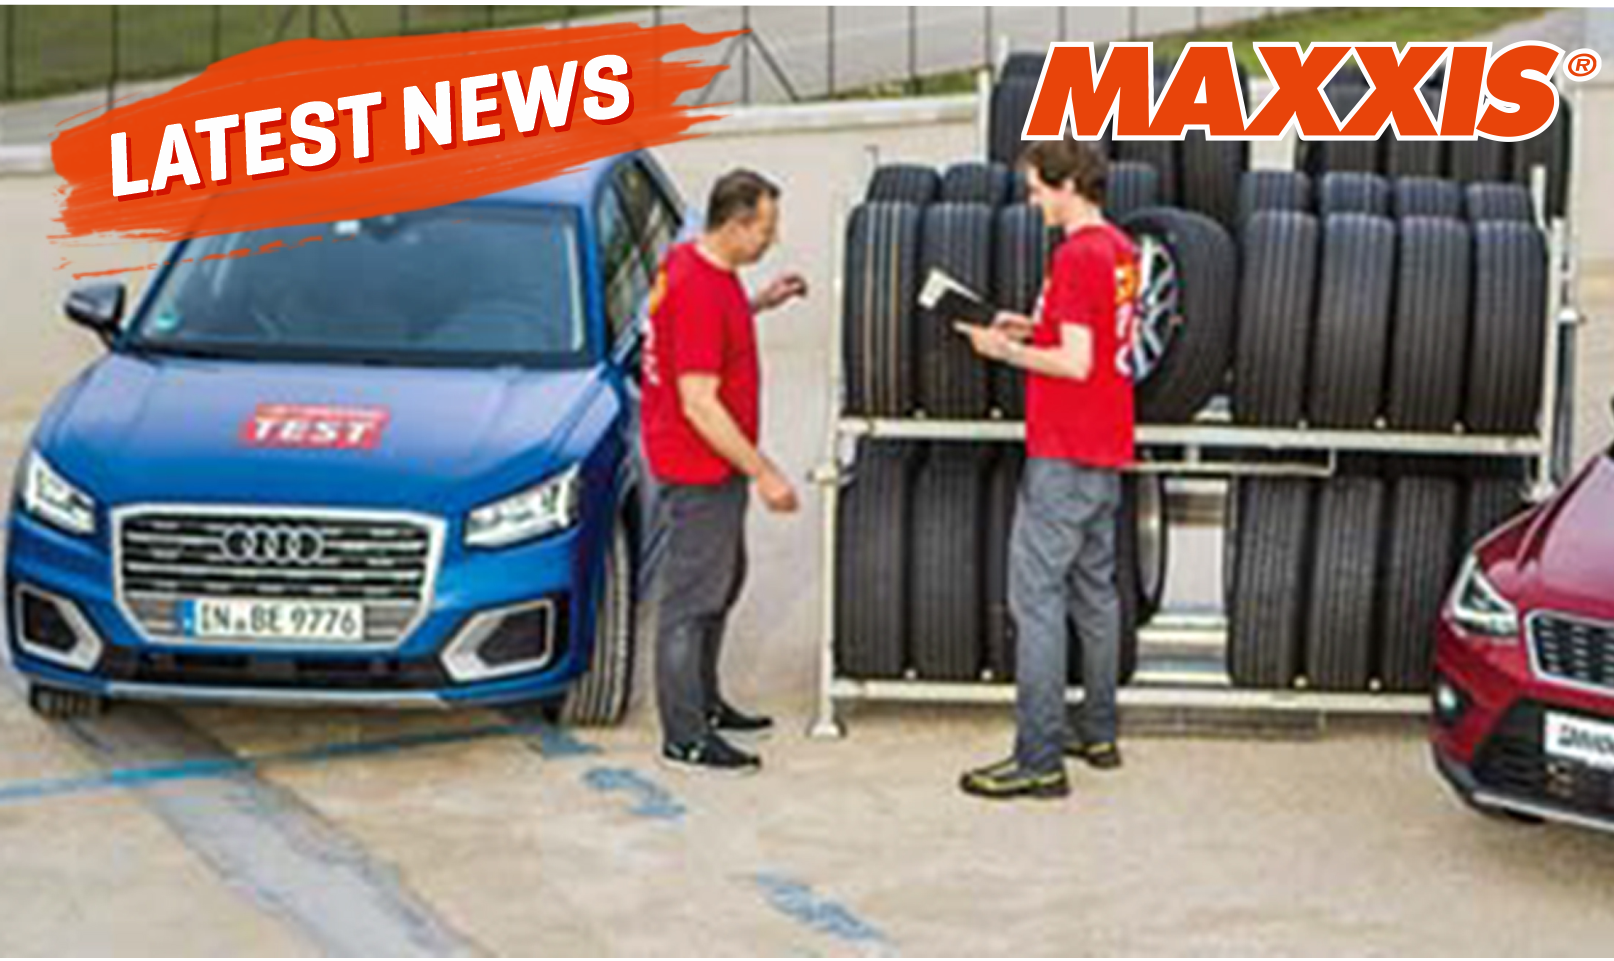 Maxxis HP5 dan Maxxis VS5 Ban Paling Recommended di Musim Panas 2020 Versi Lembaga Pengujian TCS Swiss